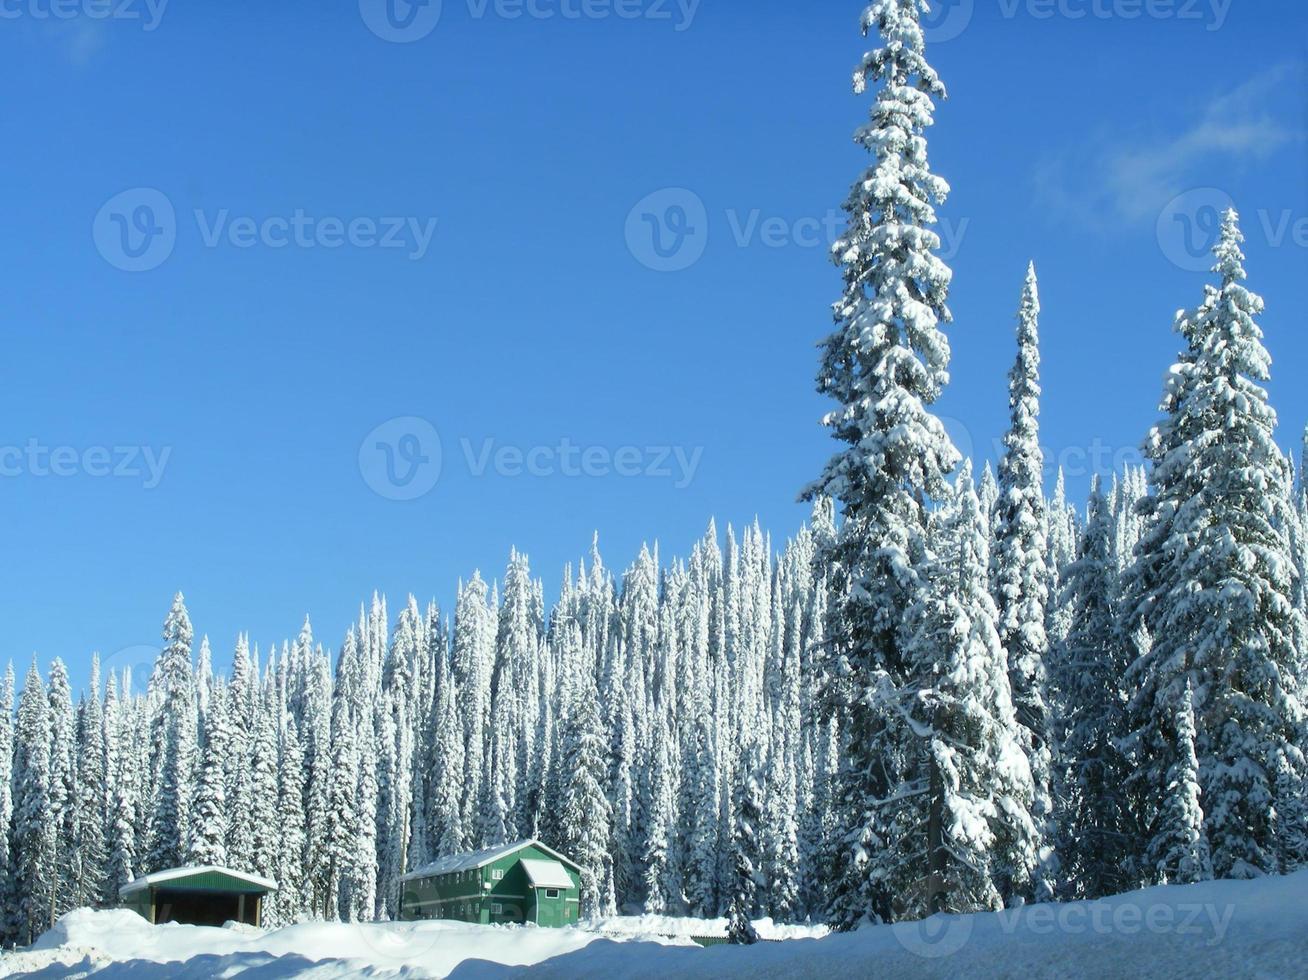 inverno nas montanhas foto